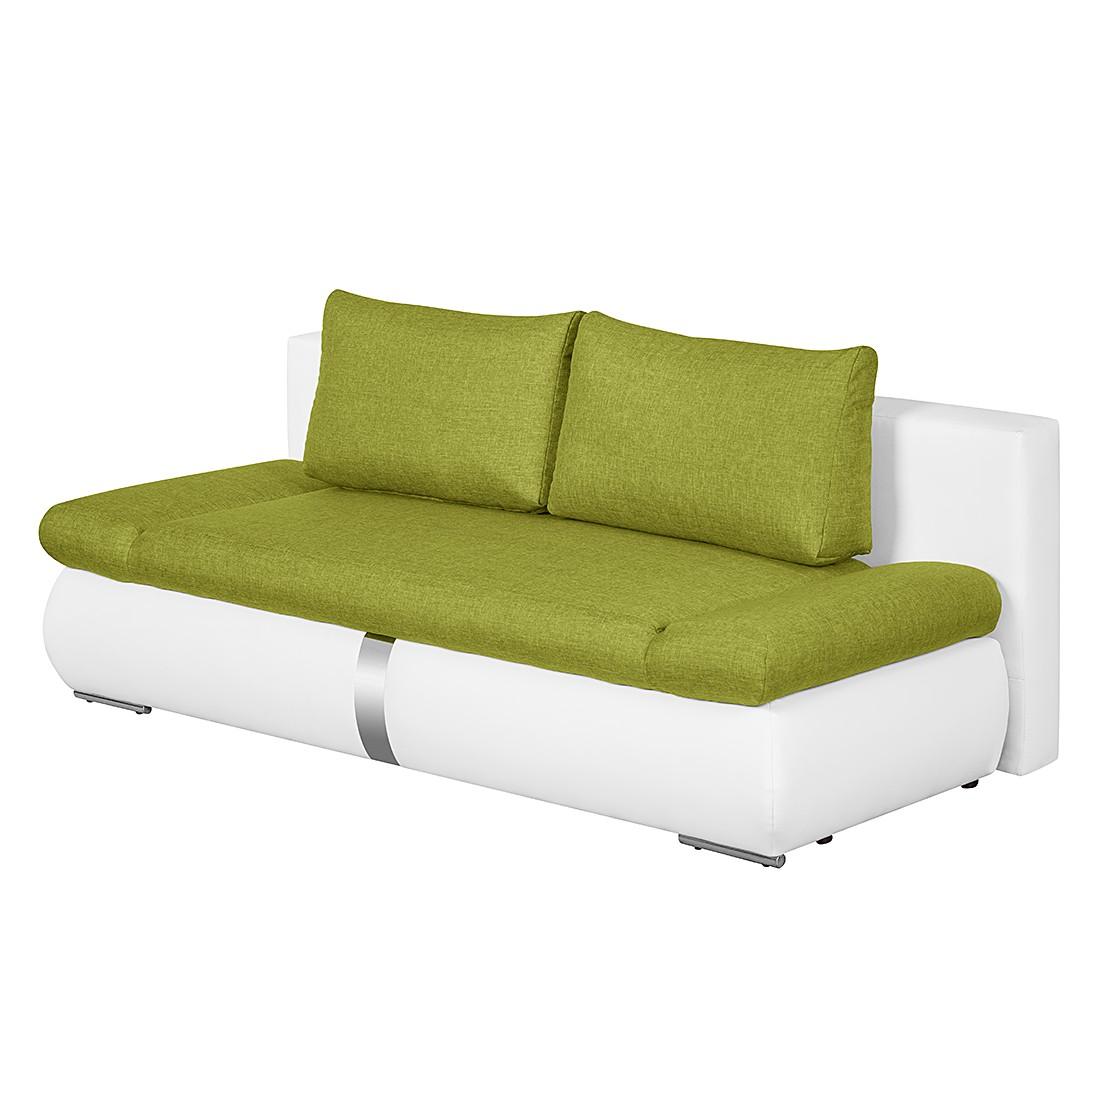 Schlafsofa Girard I mit Chromleiste – Kunstleder/Webstoff – Weiß / Grün, roomscape jetzt bestellen